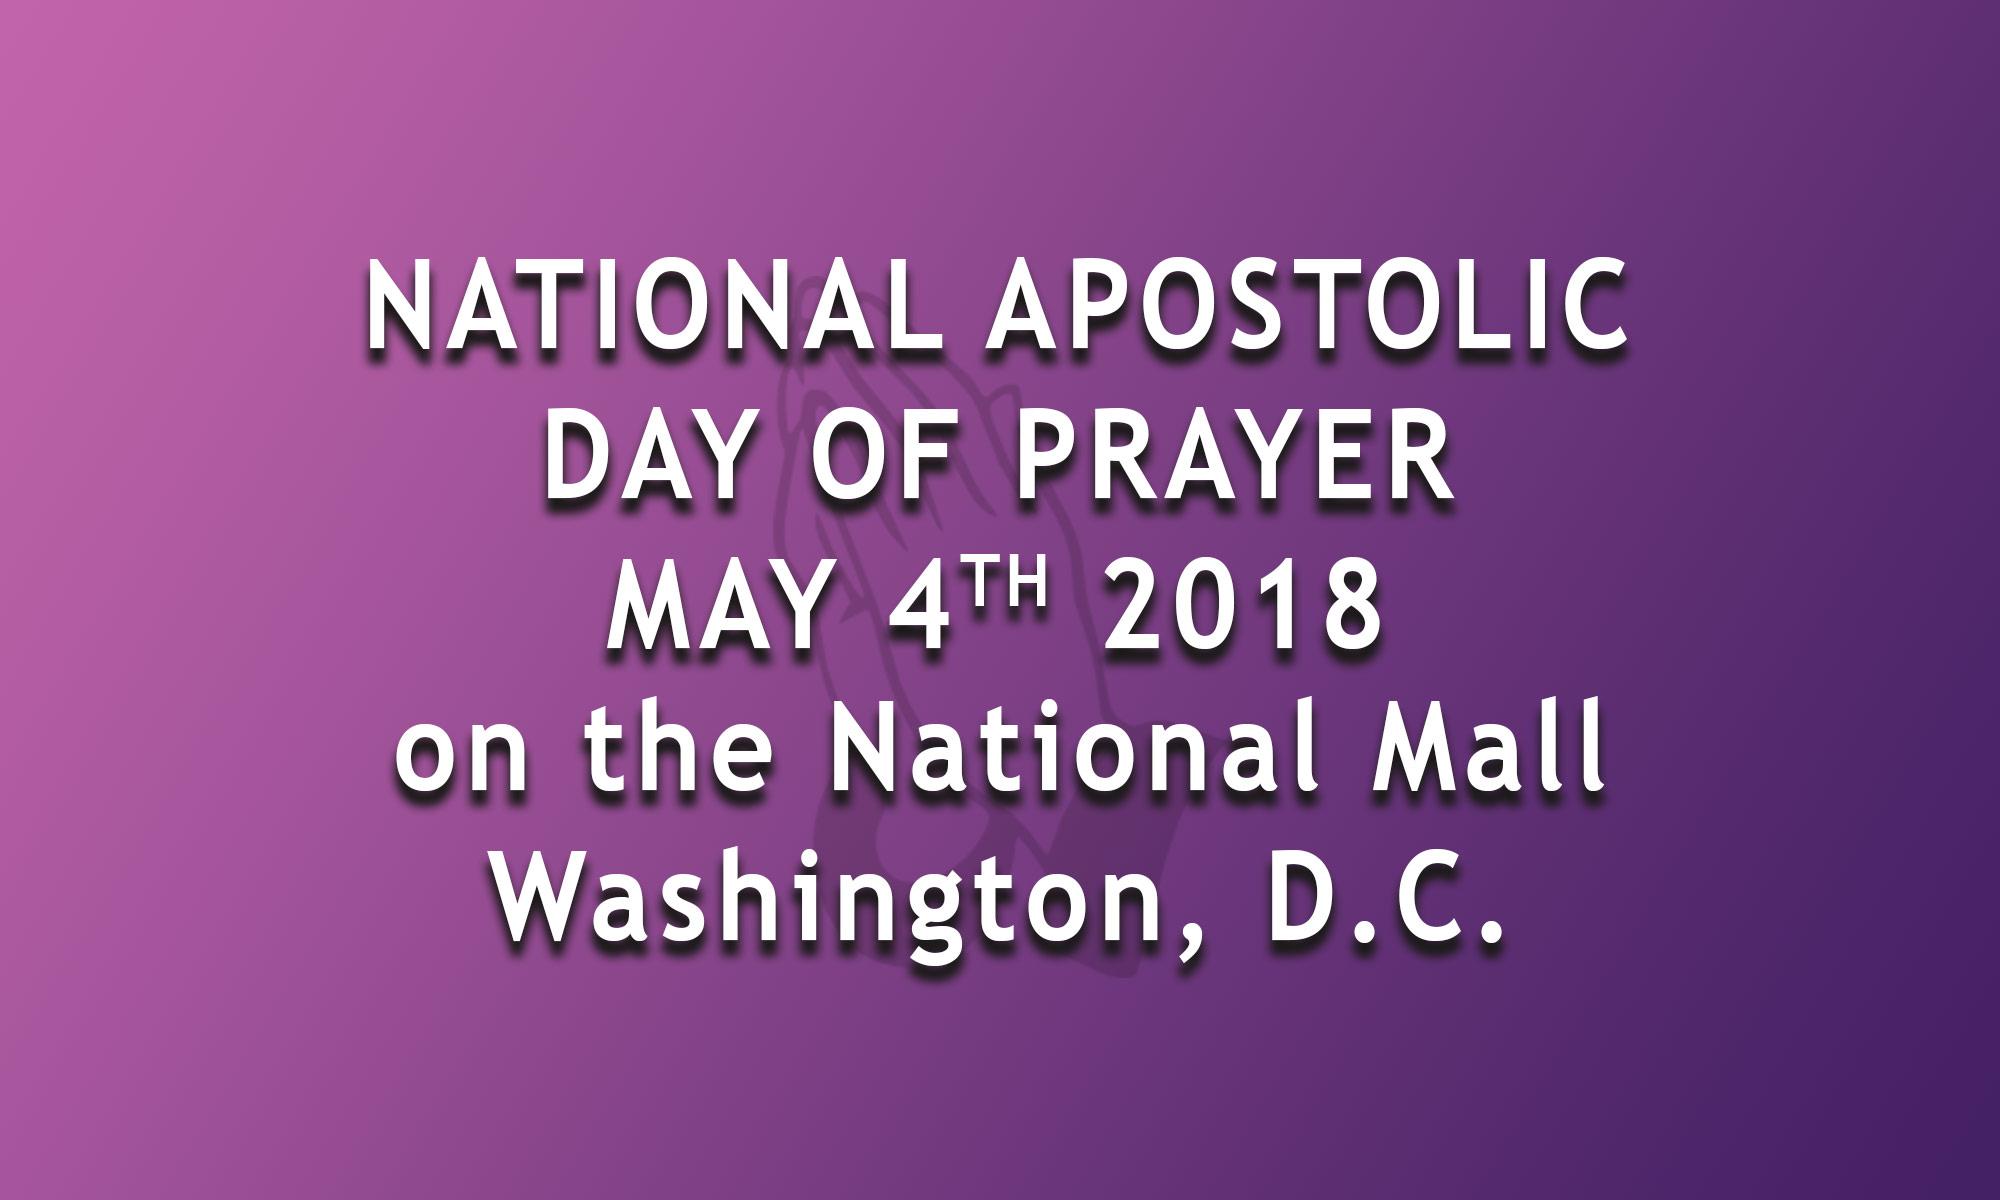 National Apostolic Day of Prayer